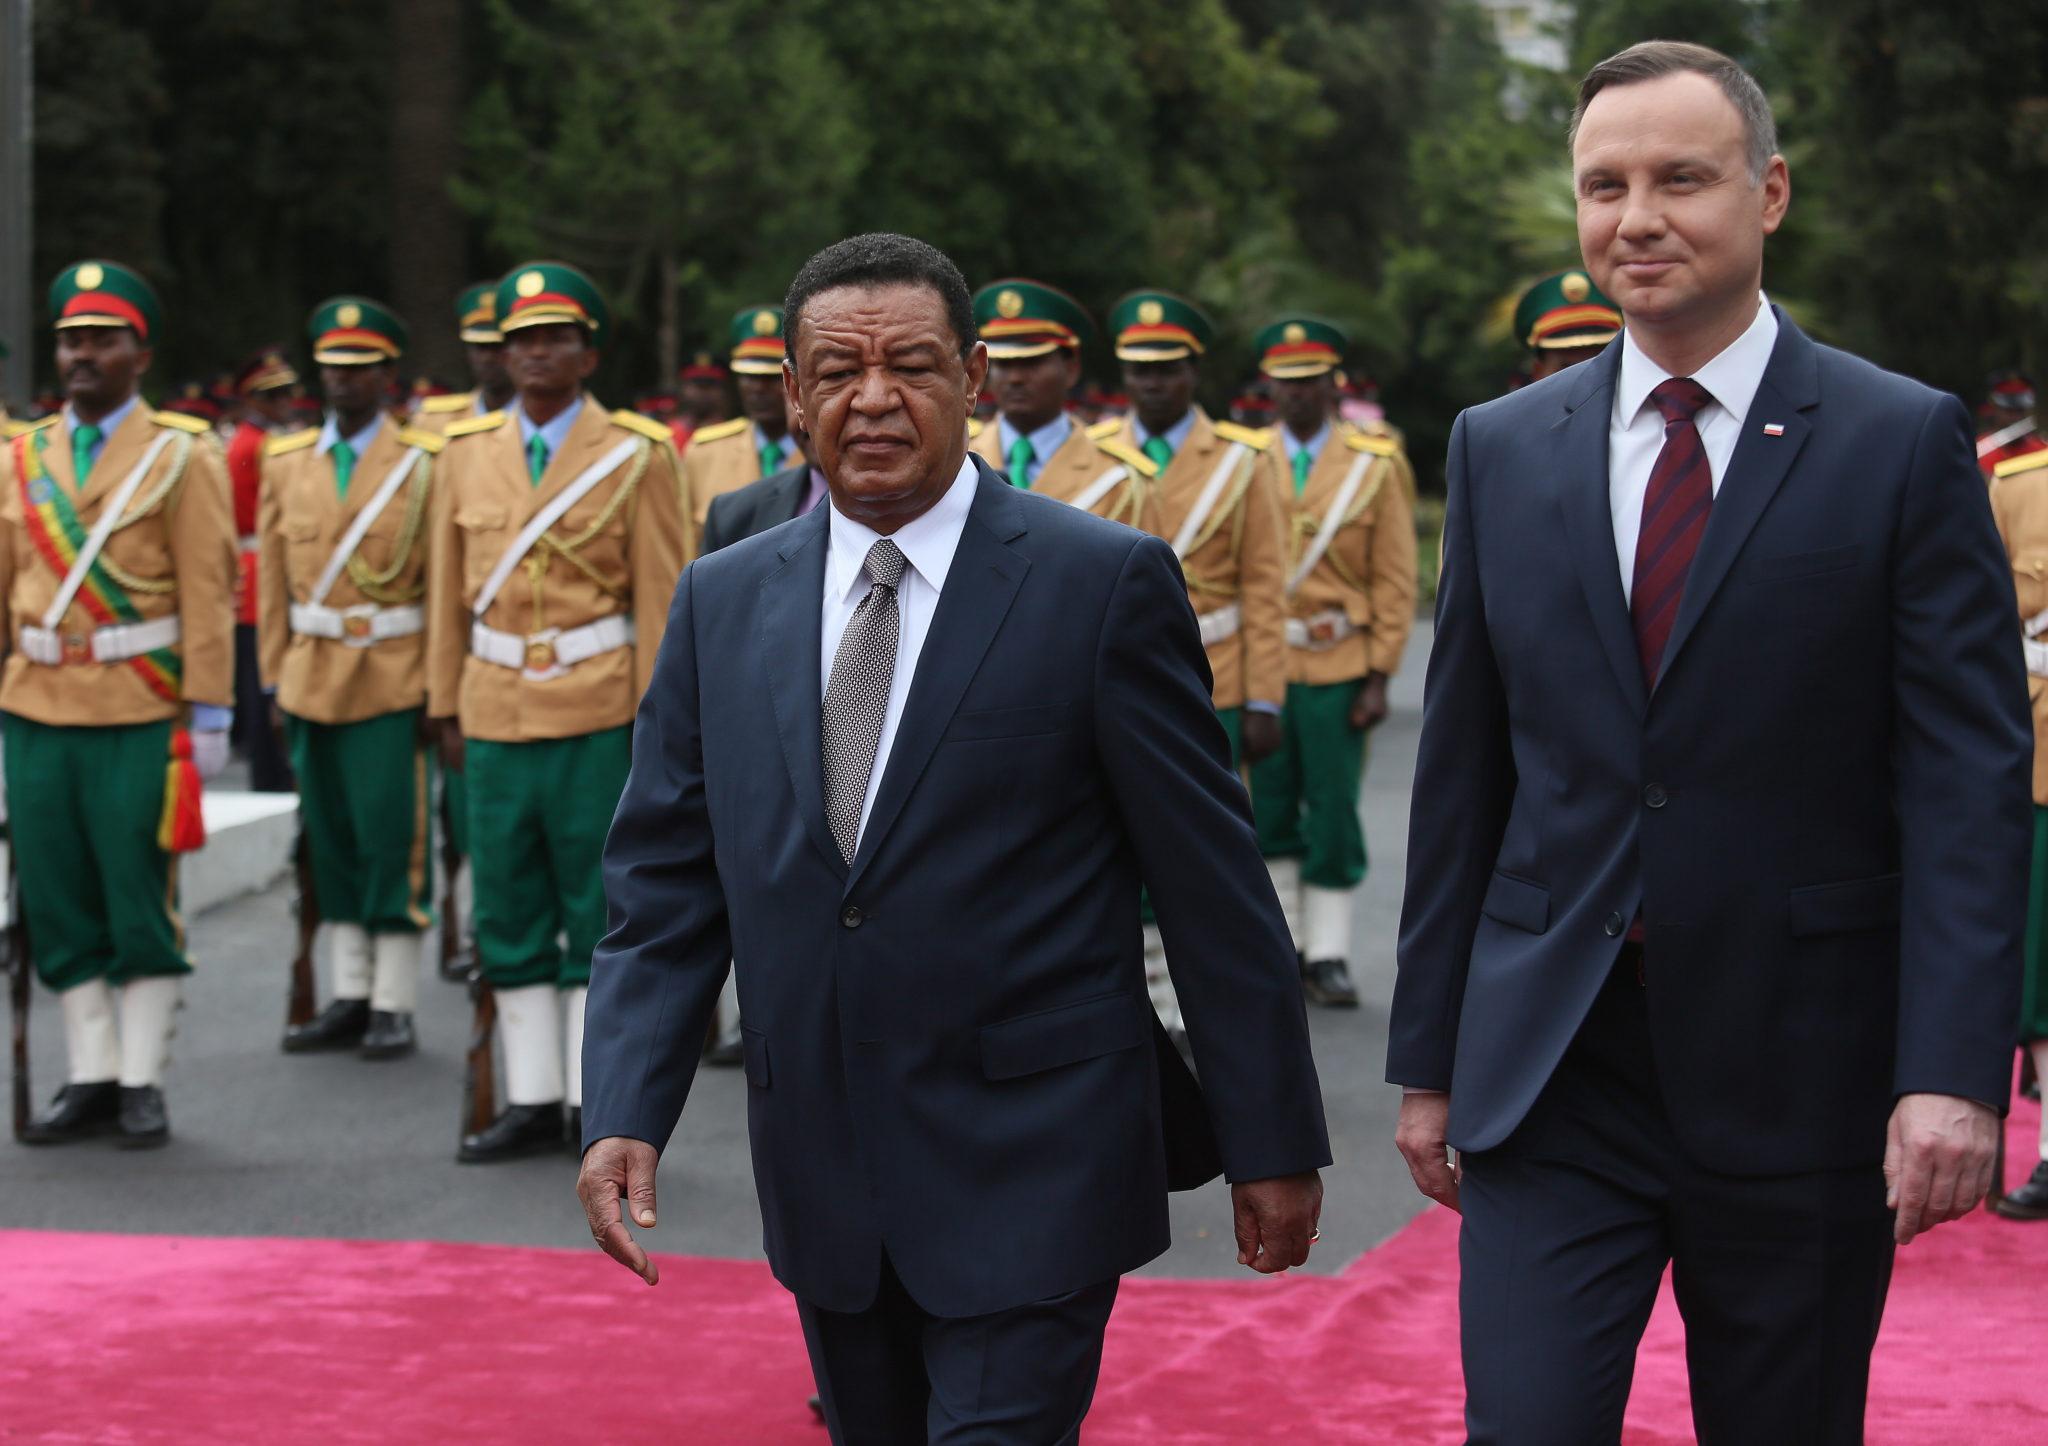 Etiopia: wizyta Prezydenta Polski Andrzeja Dudy Addis Abeba (foto. PAP/Leszek Szymański)